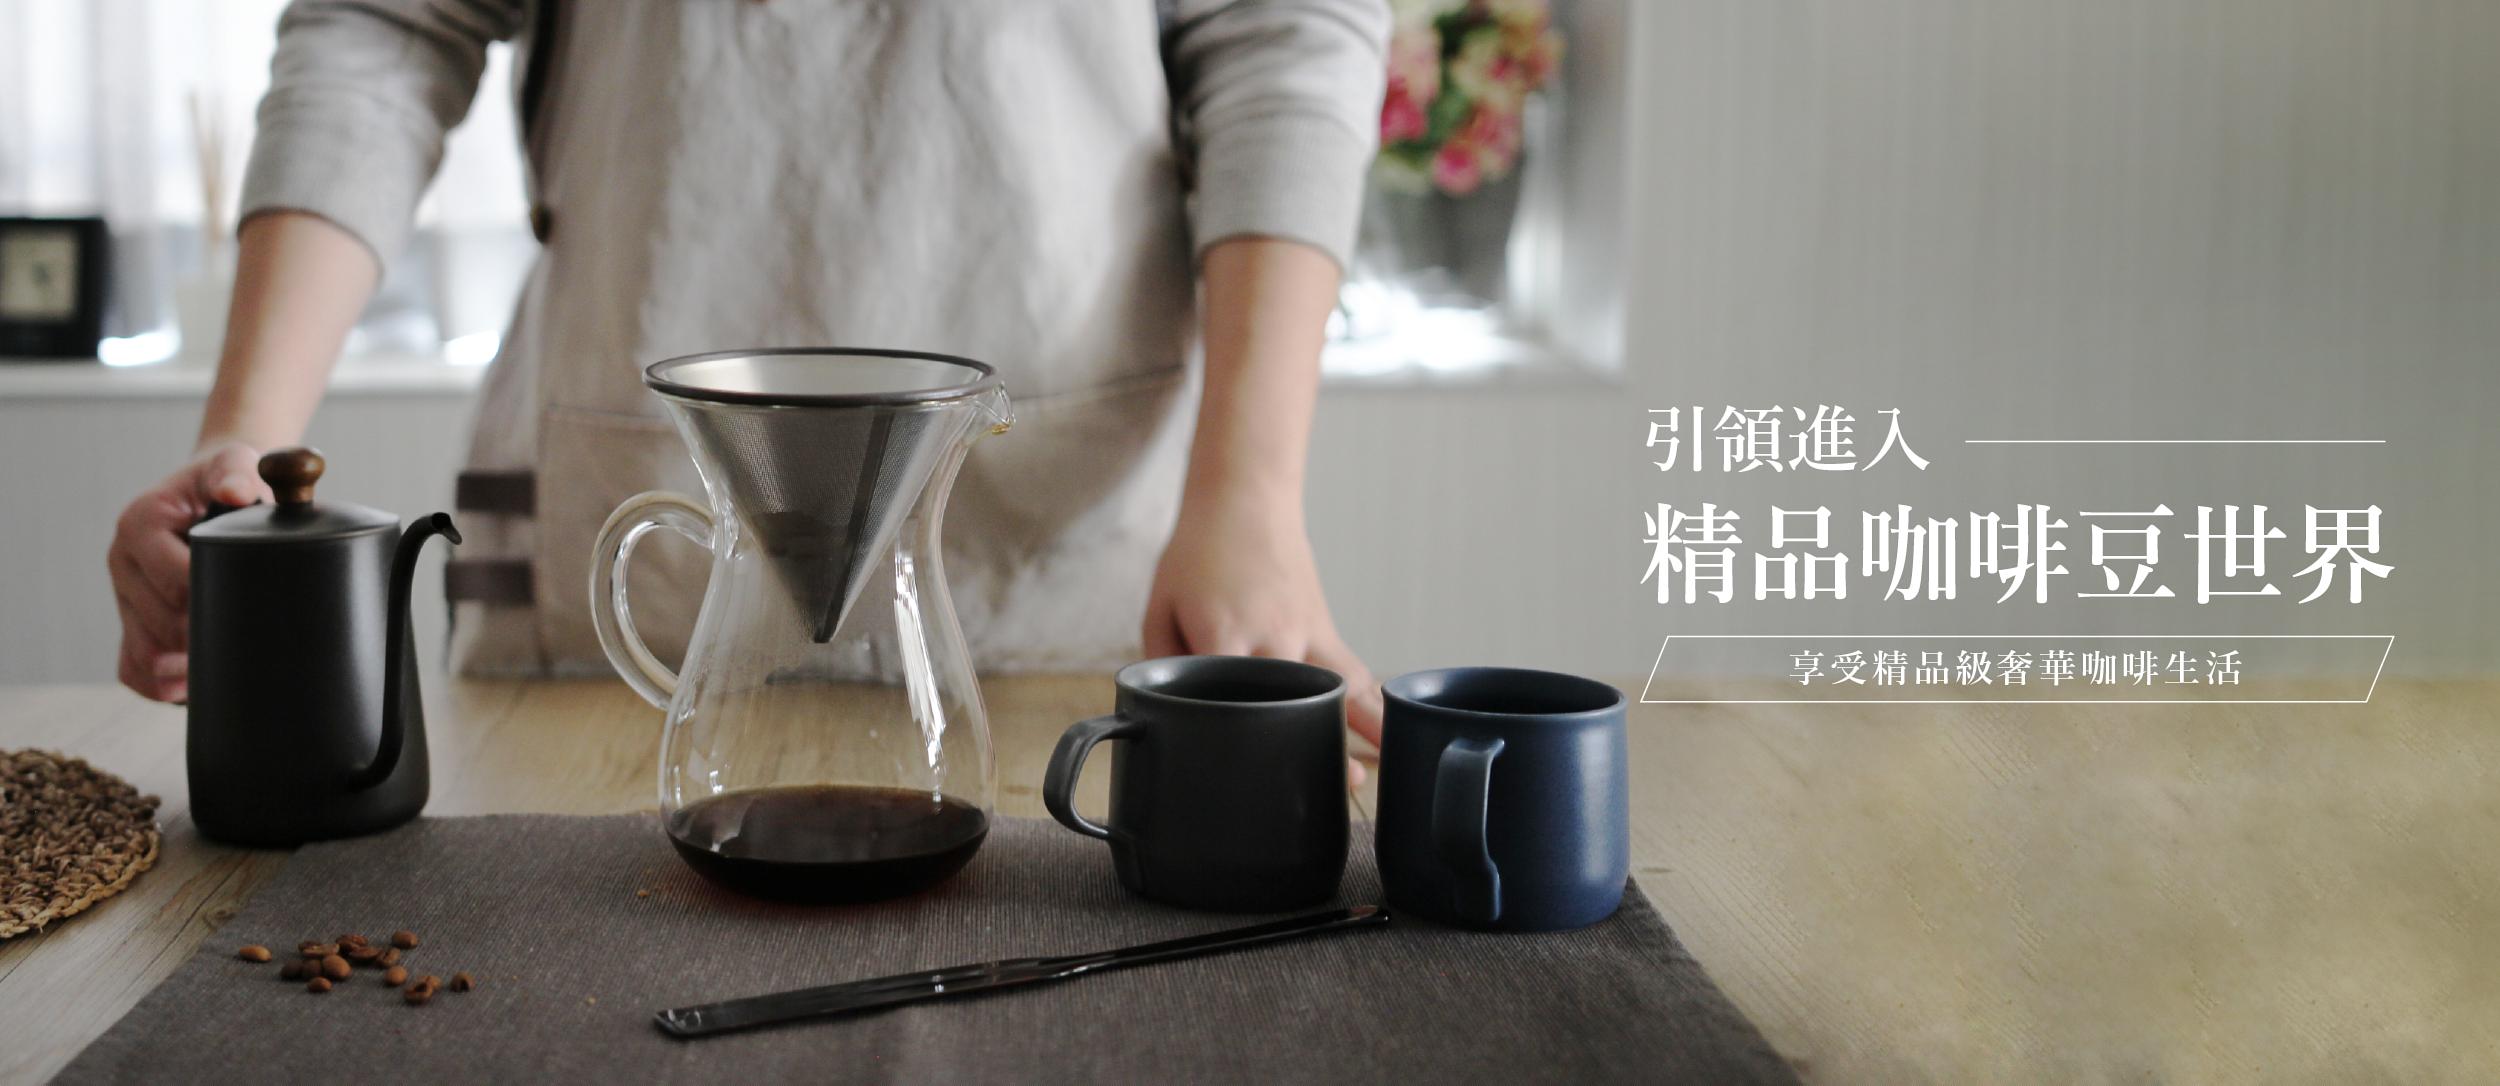 引領您進入精品咖啡豆的世界|哎喔生活雜良